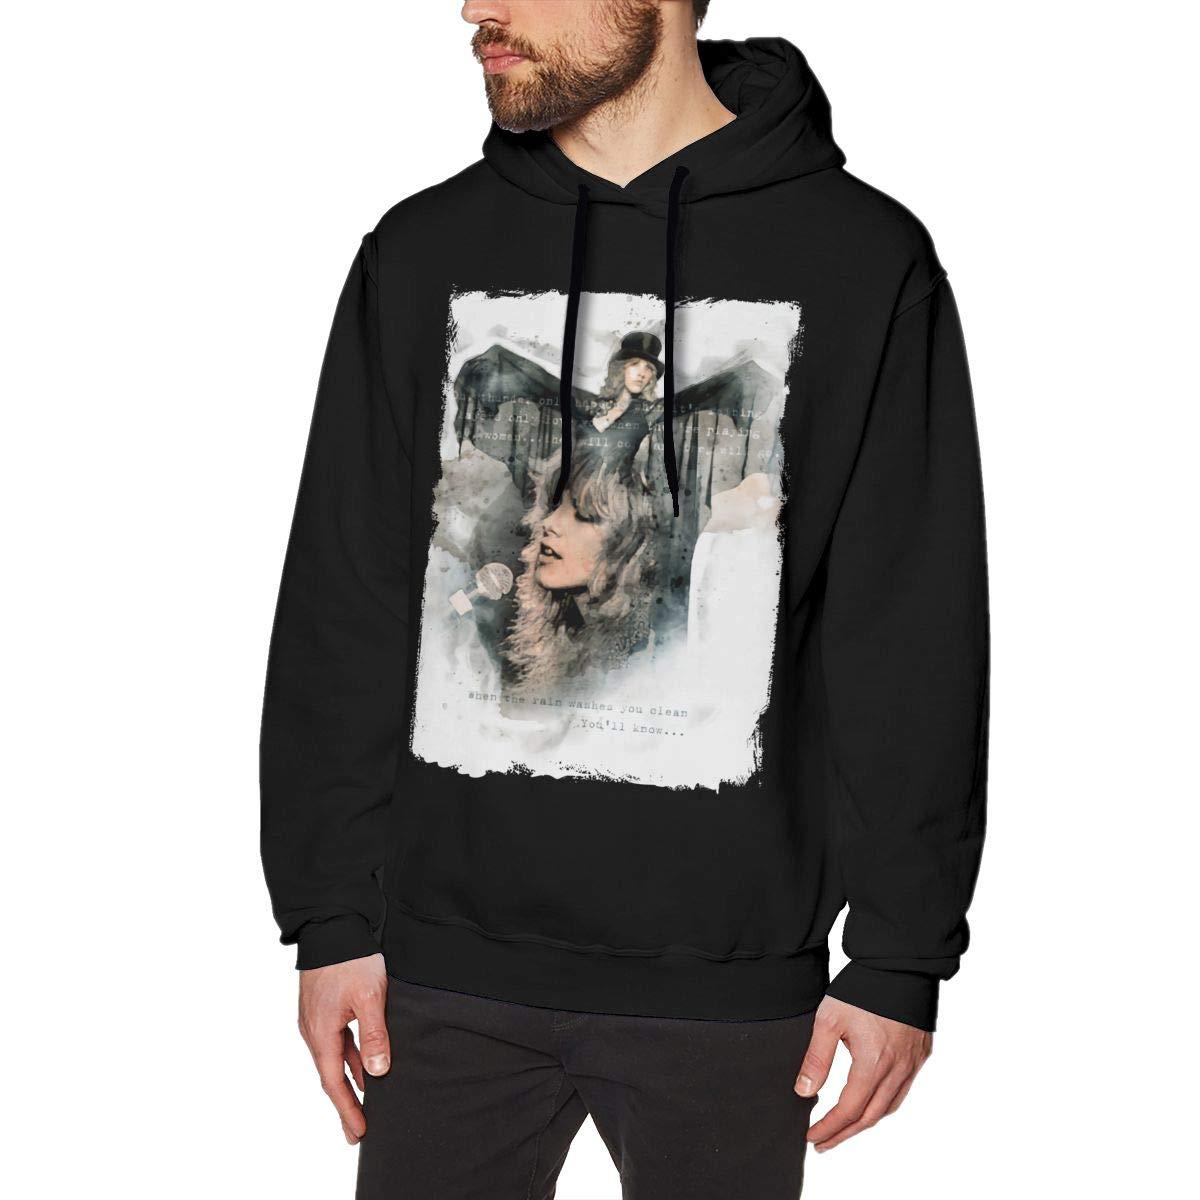 JUDE BOYLE Stevie Nicks Sweatshirts for Men Hoodies Black